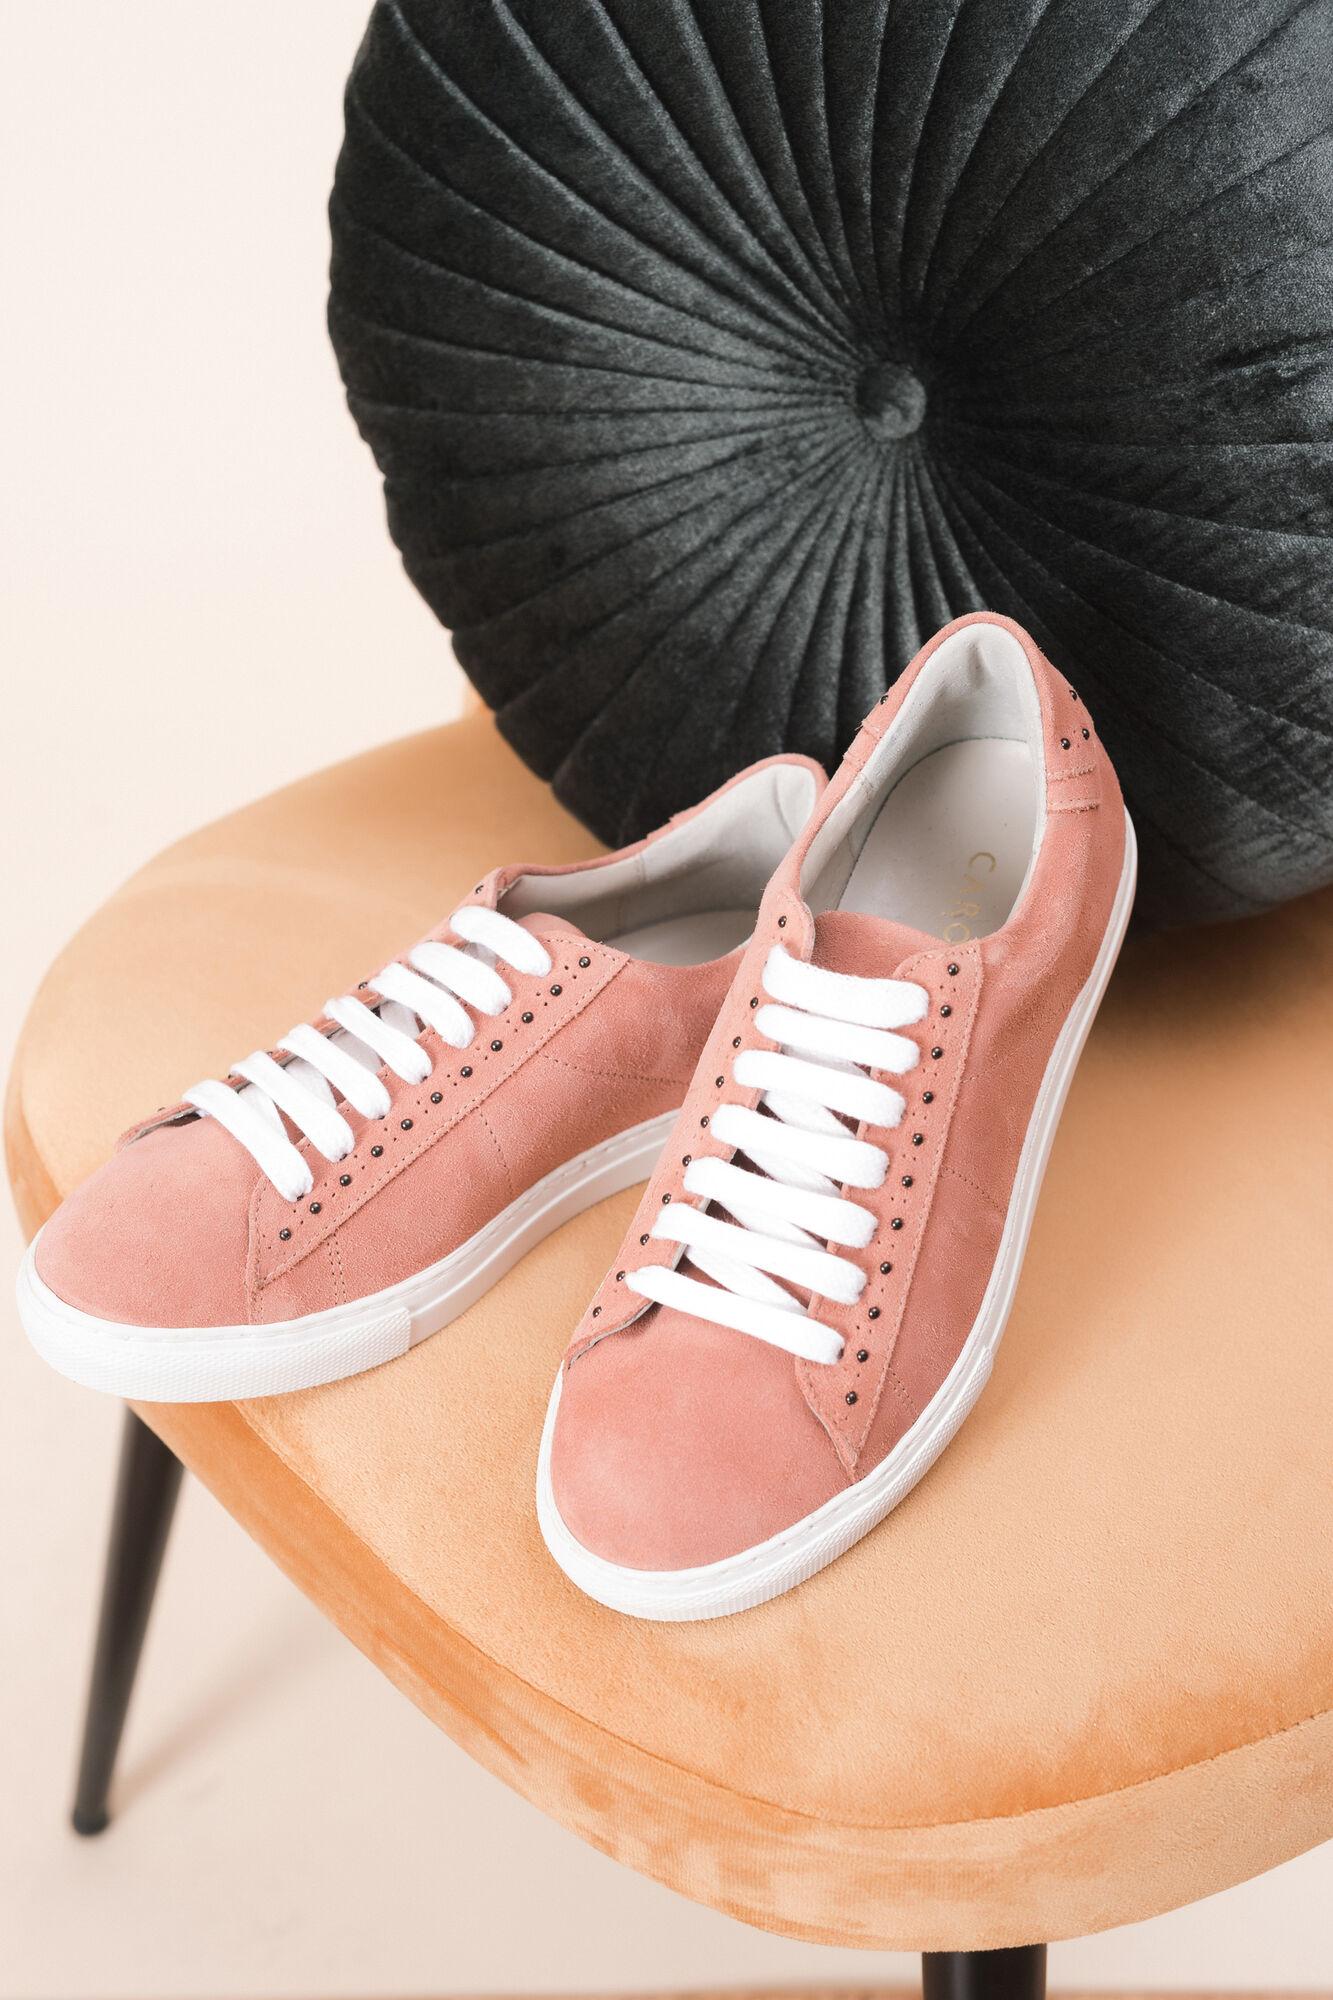 c83f8ea605c Baskets en cuir Vadima   Chaussure femme Corail en Peaux   Cuir à ...